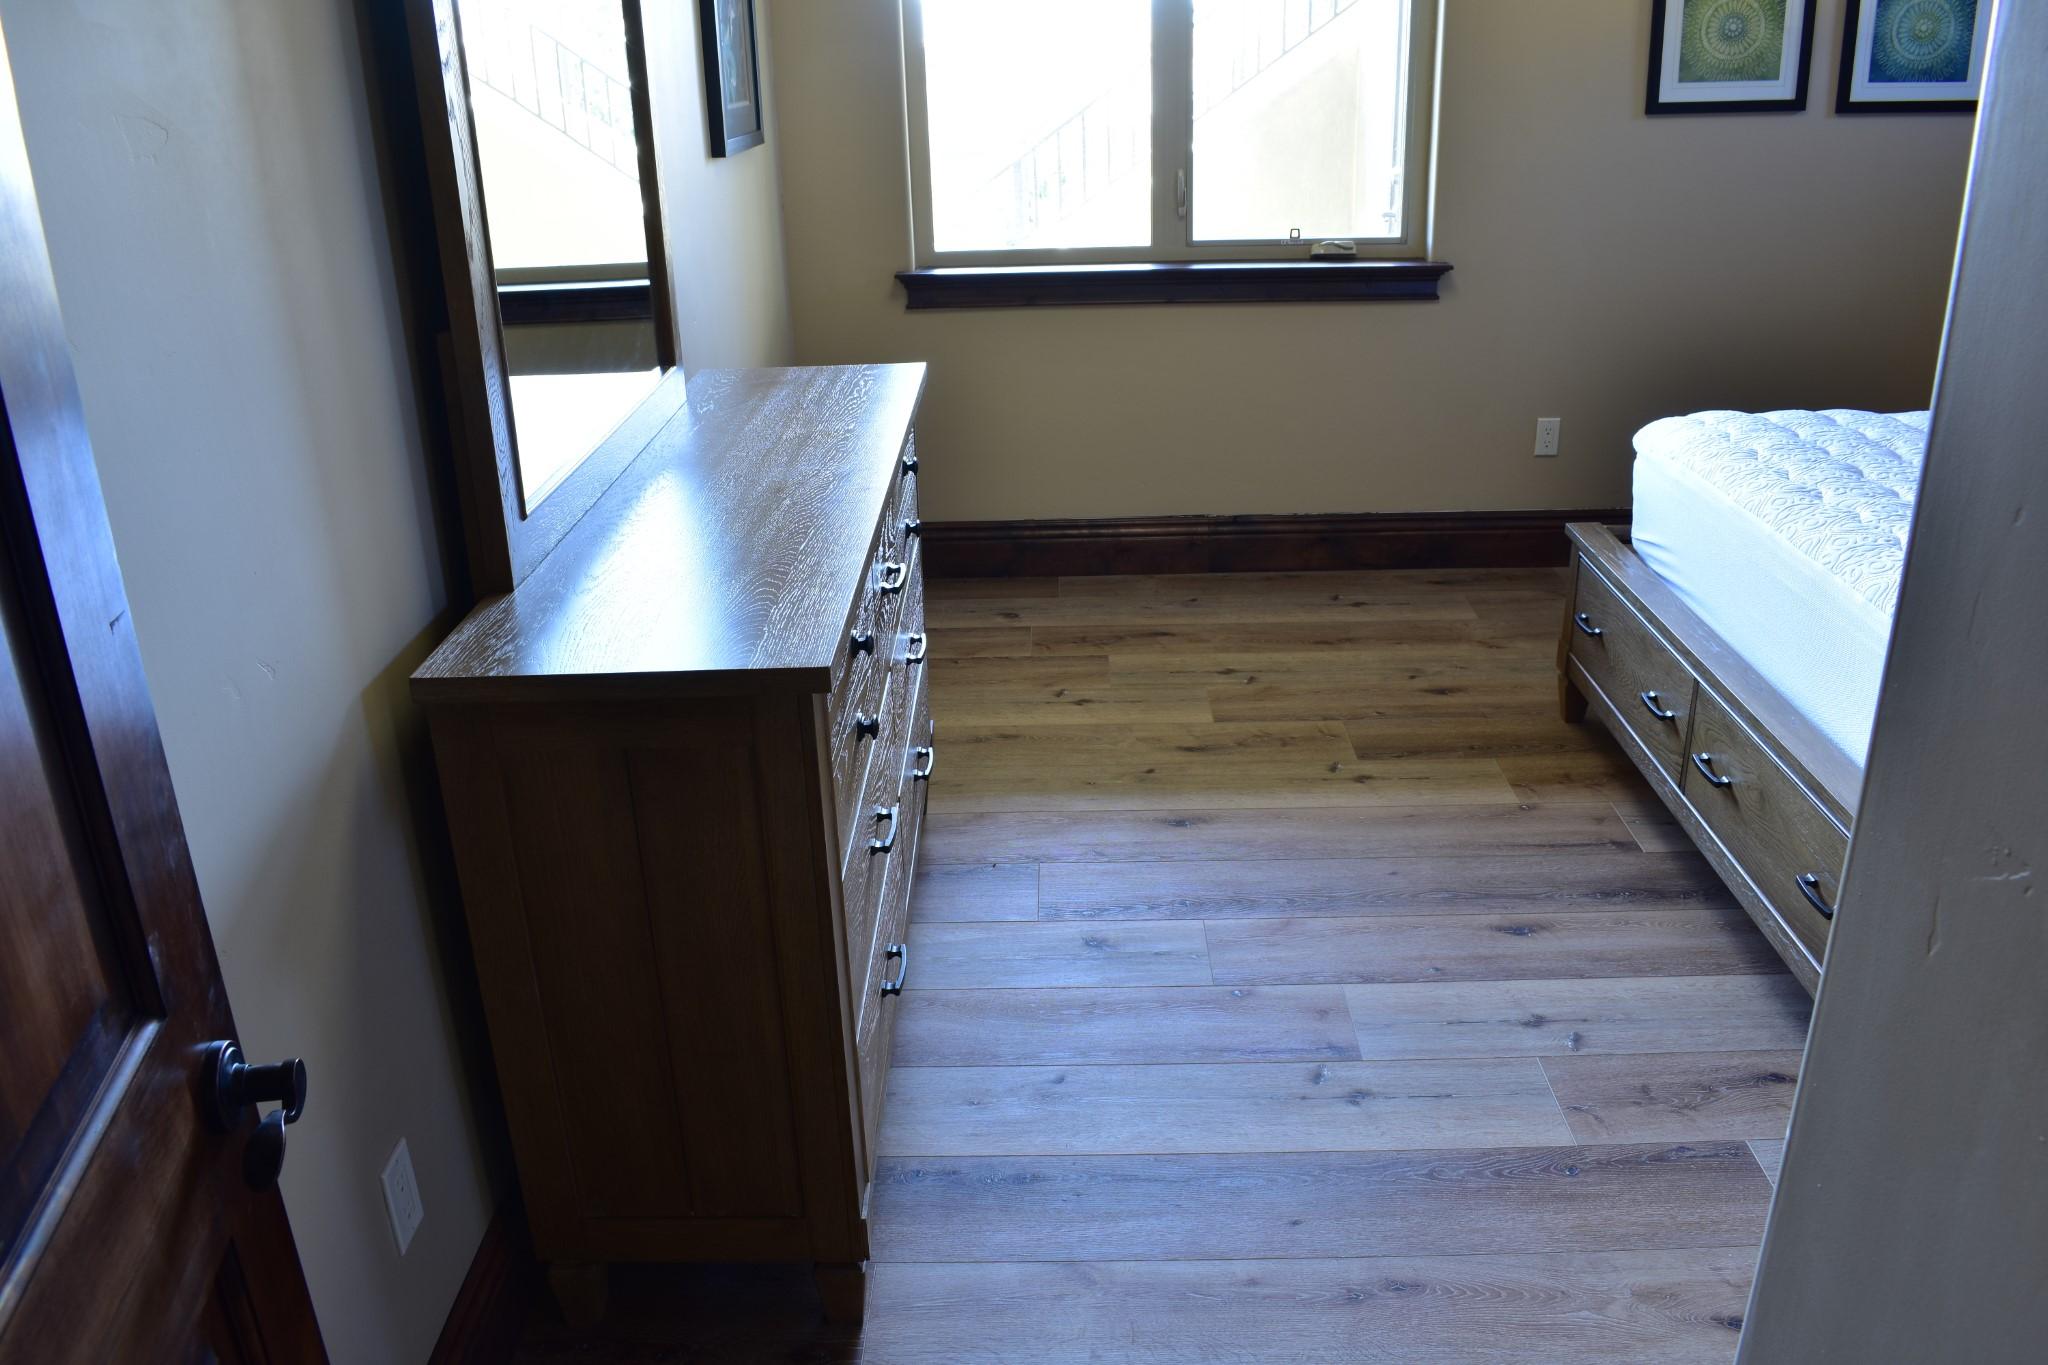 Waterproof Laminate Floors Installed Bedroom